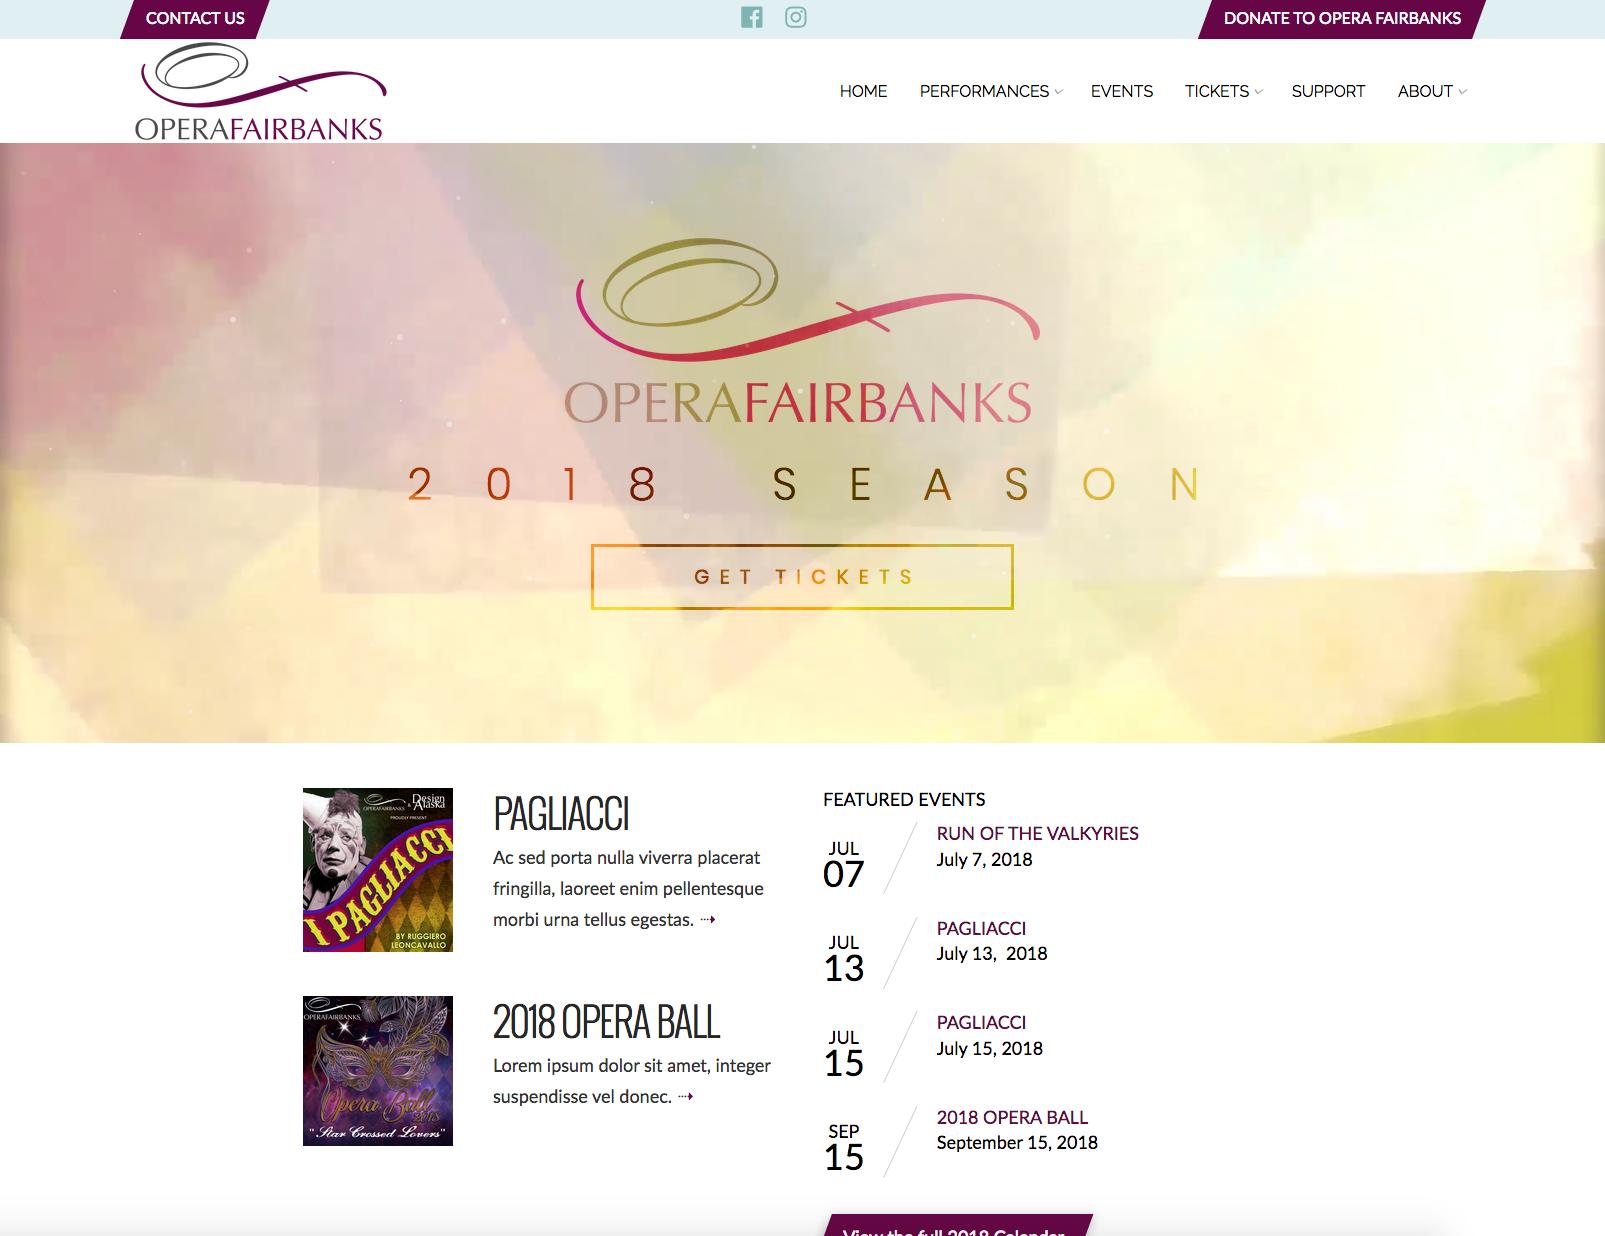 Opera Fairbanks